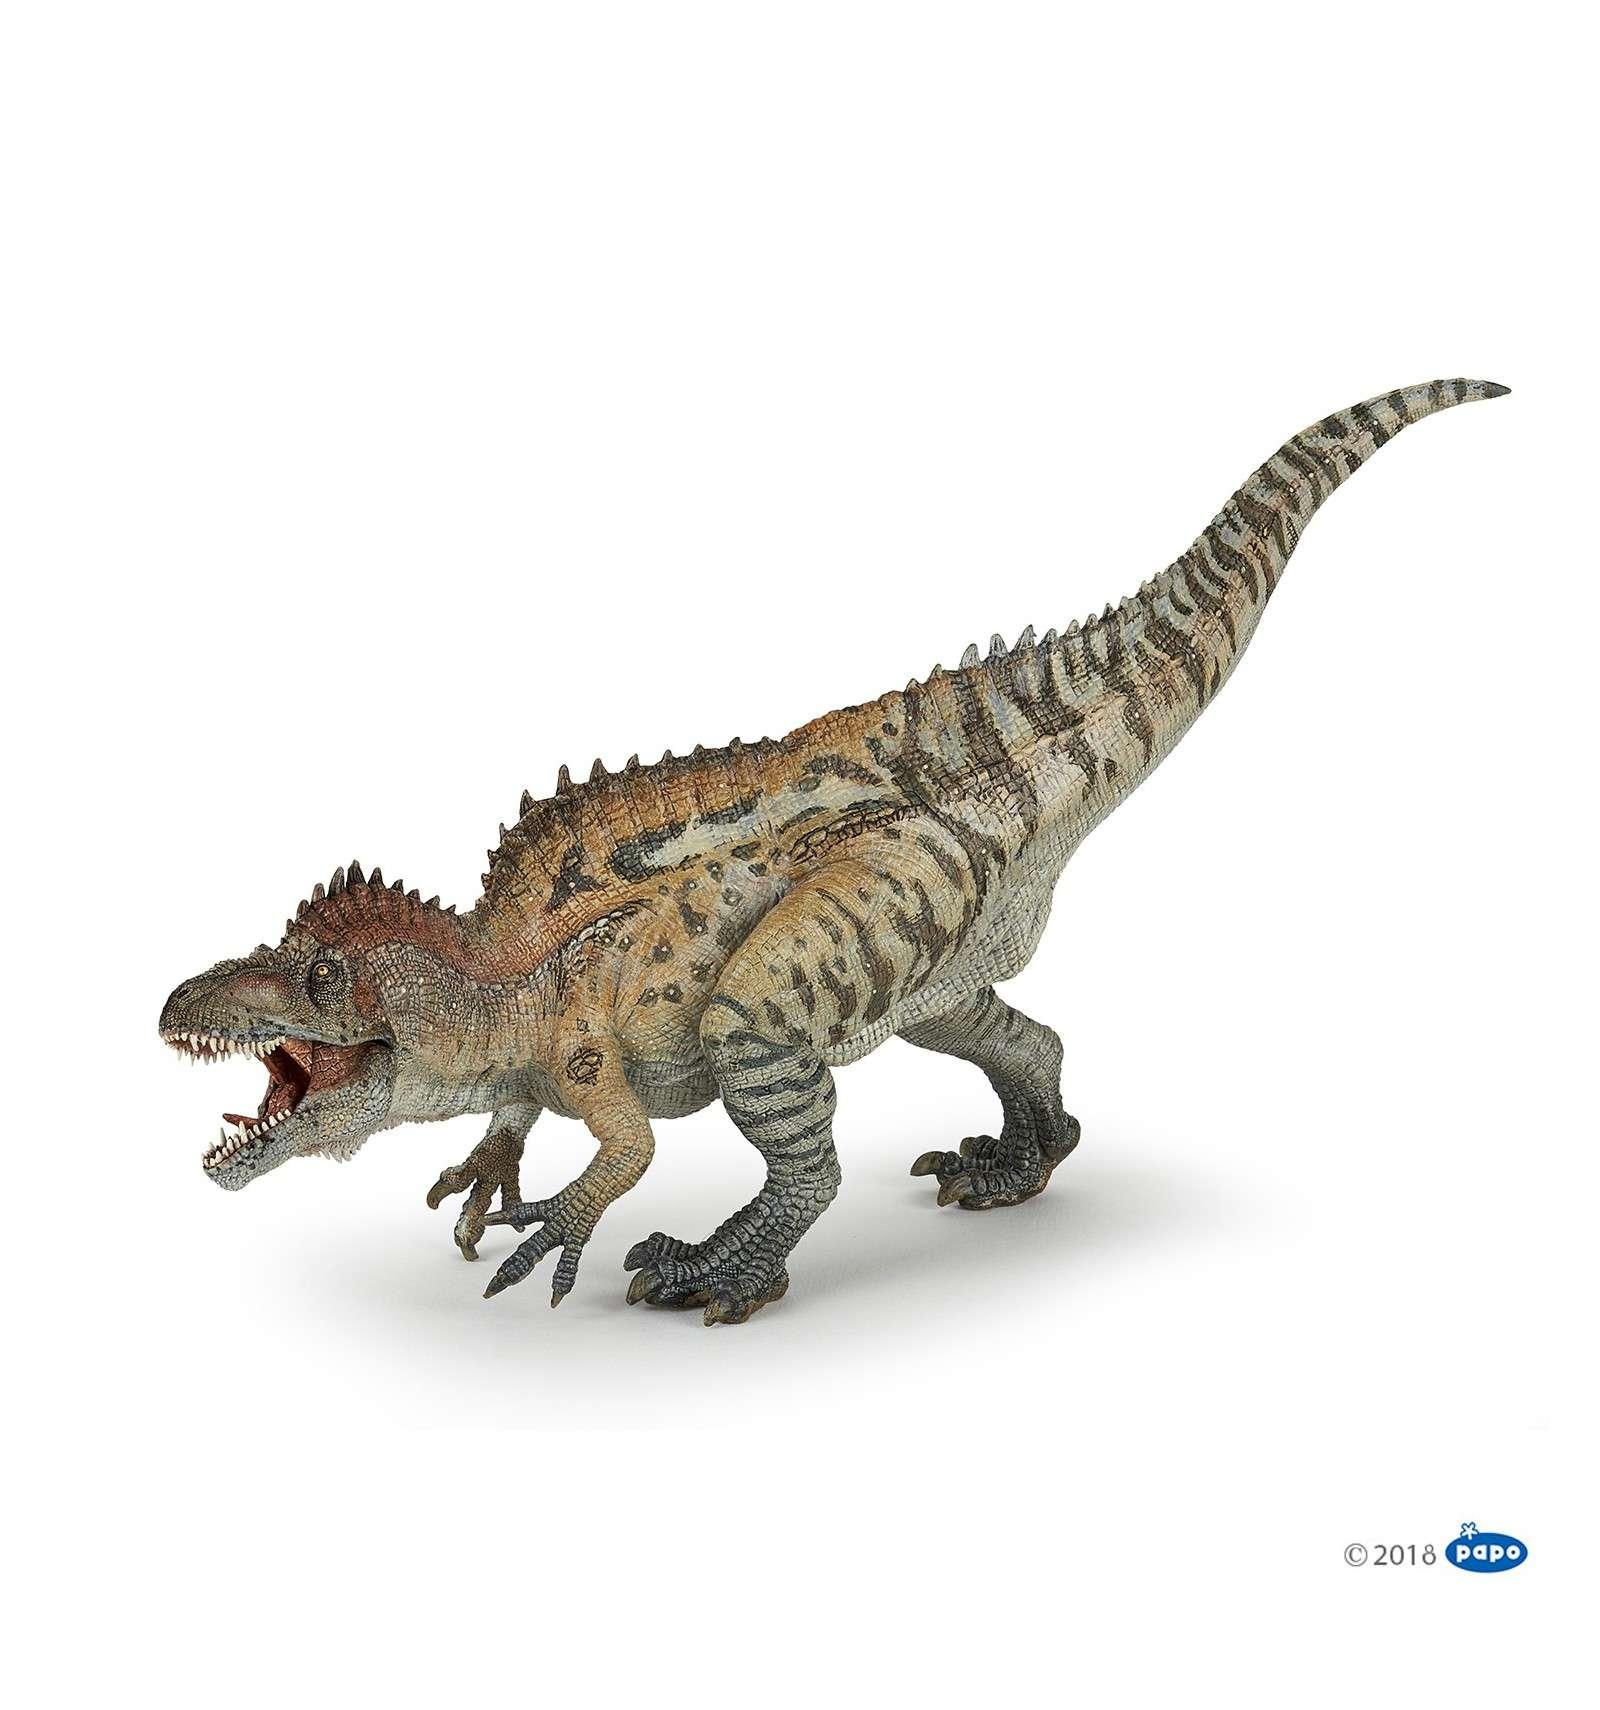 Animal Figure: Dinosaur - Acrocanthosaurus Photo